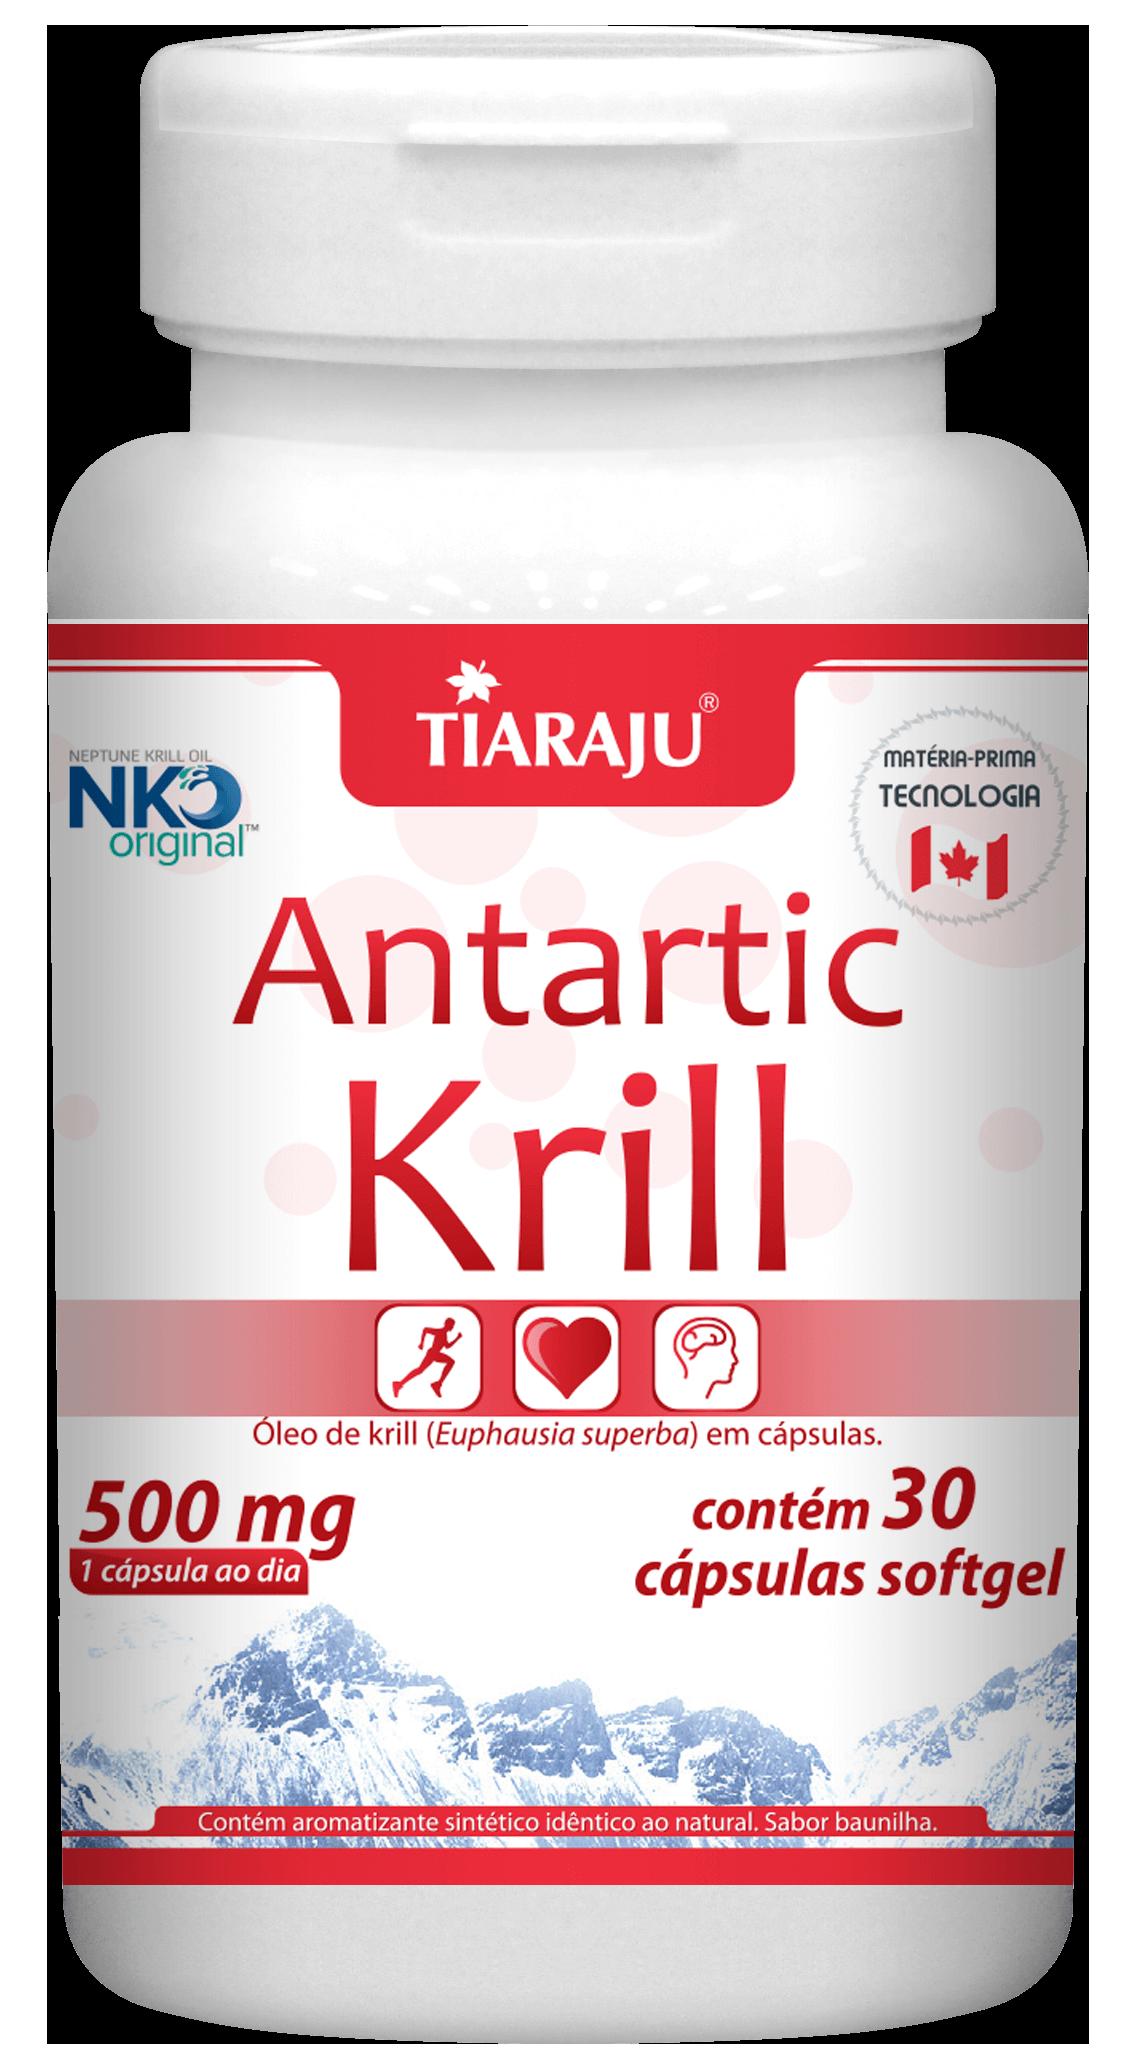 Antartic Krill